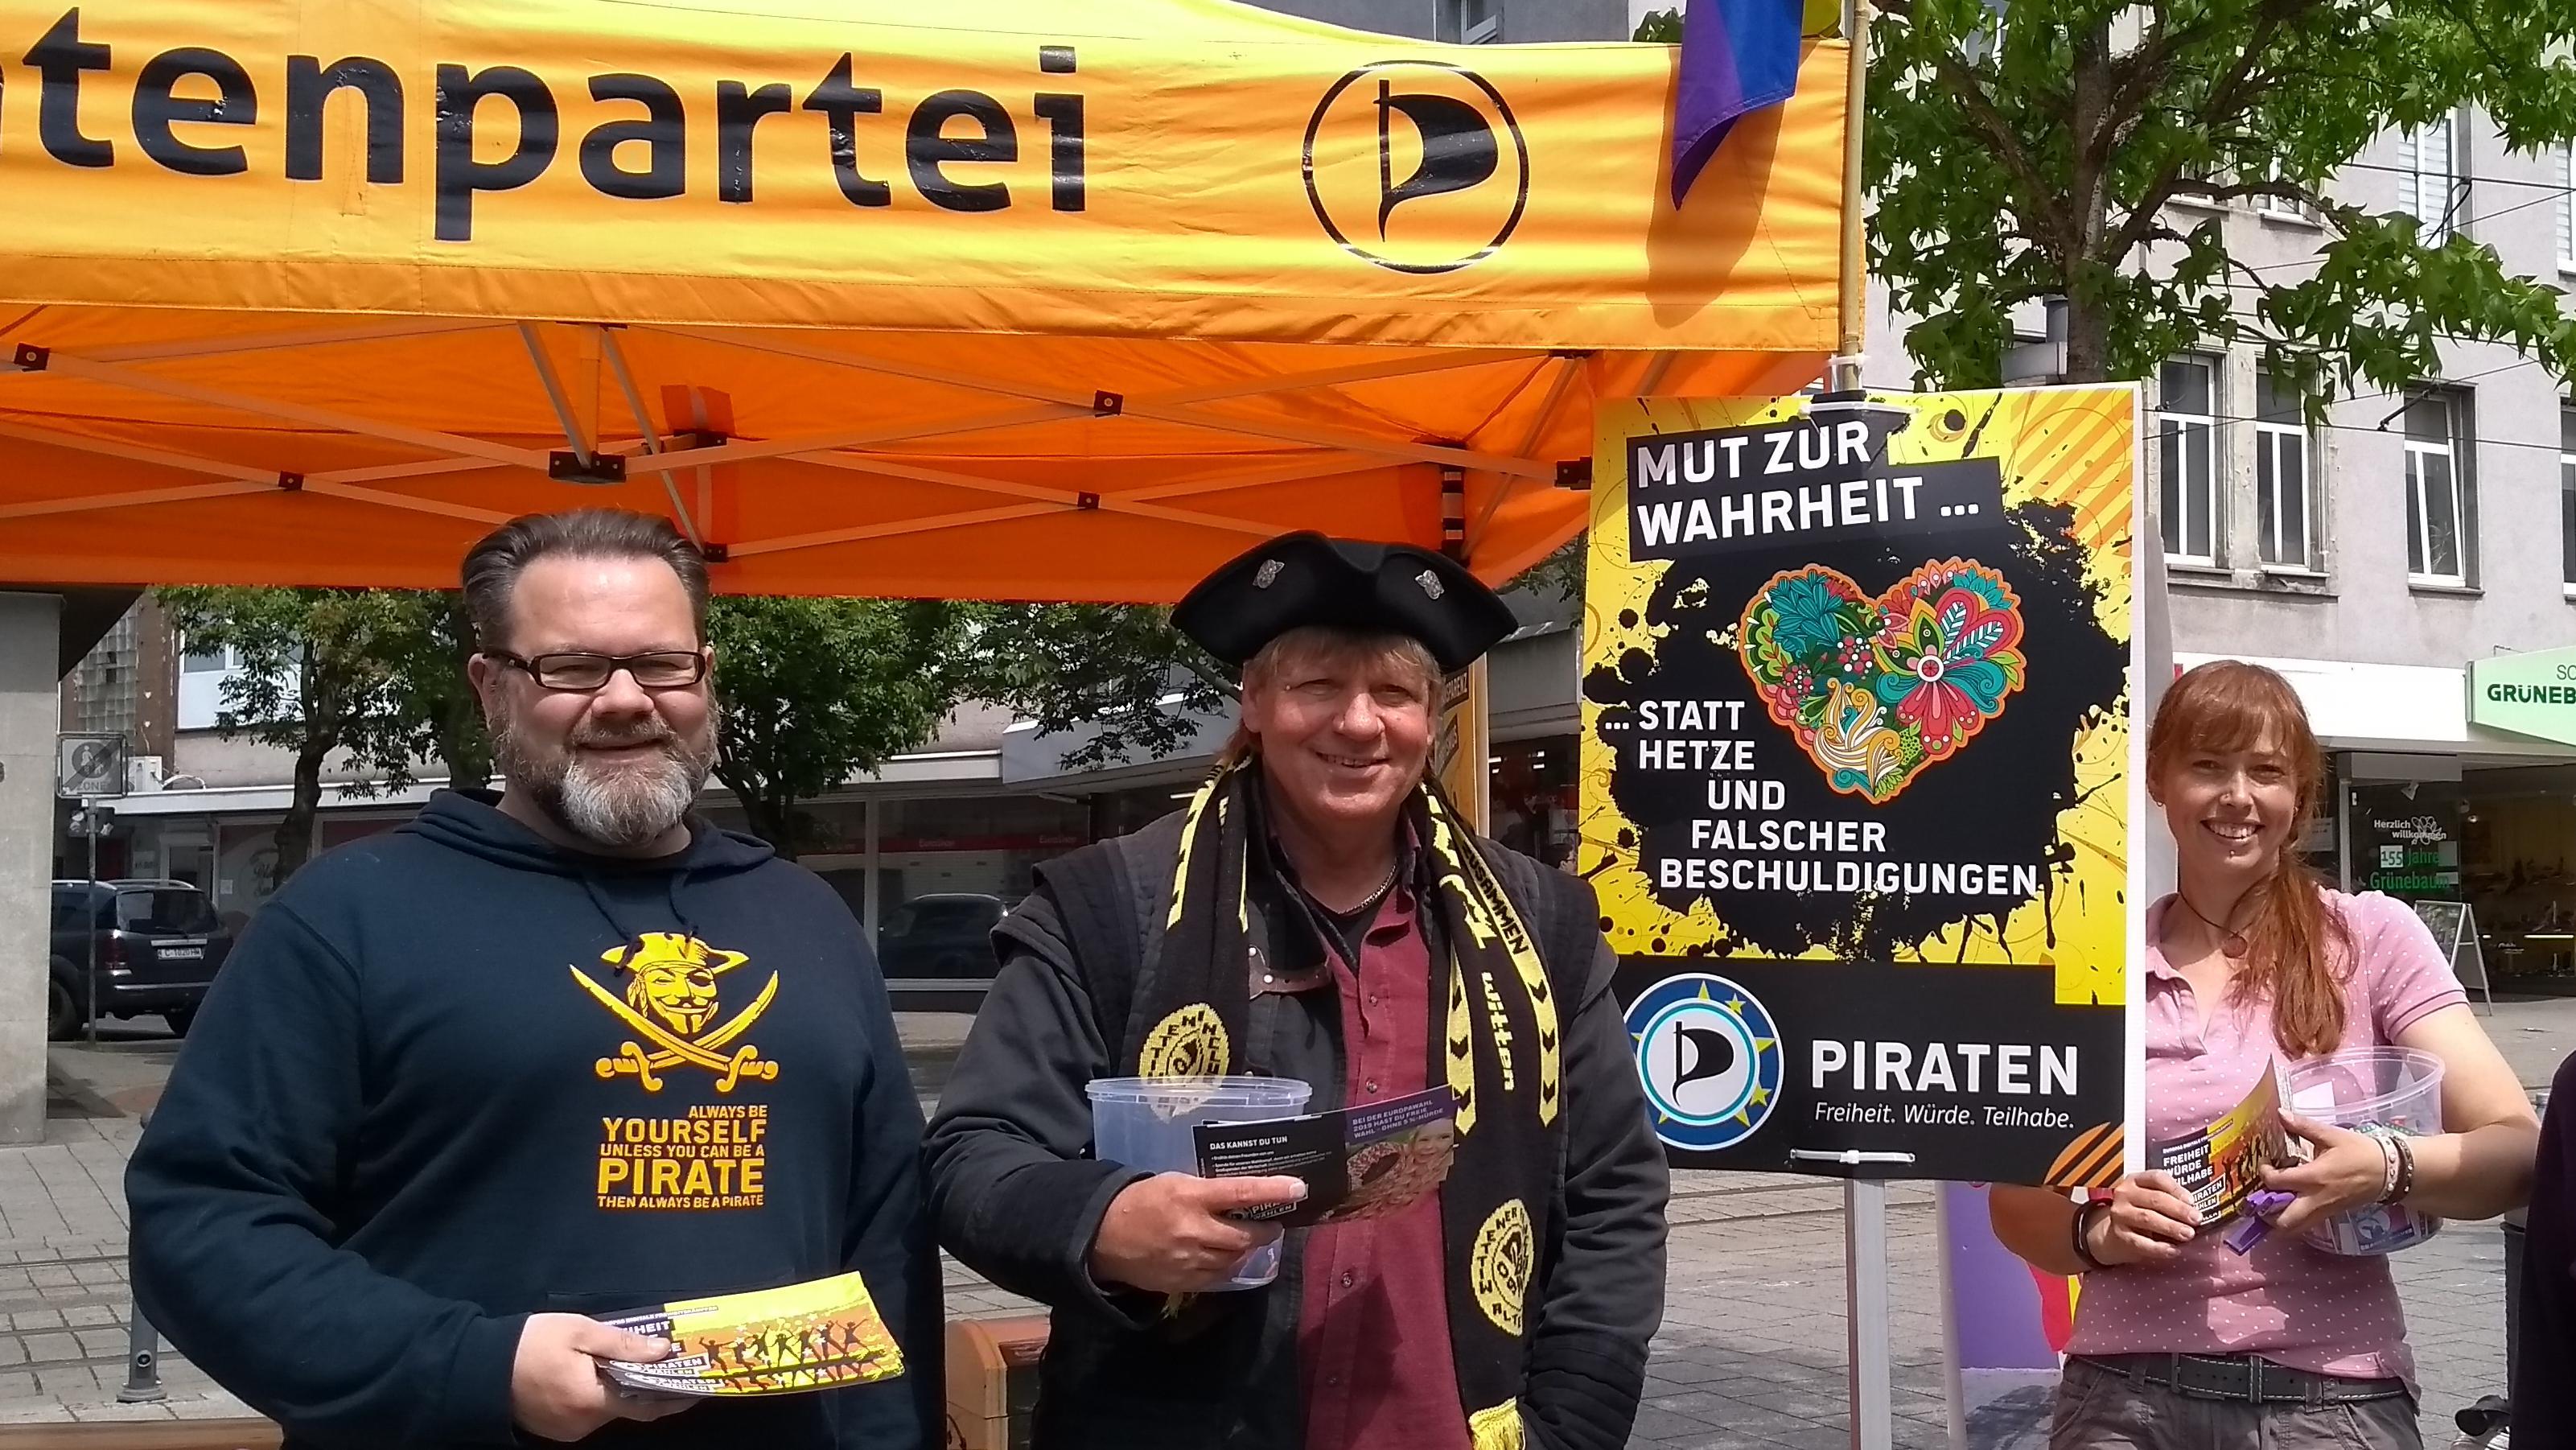 """Piraten mit dem Plakatmotiv """"Mut zur Wahrheit"""""""